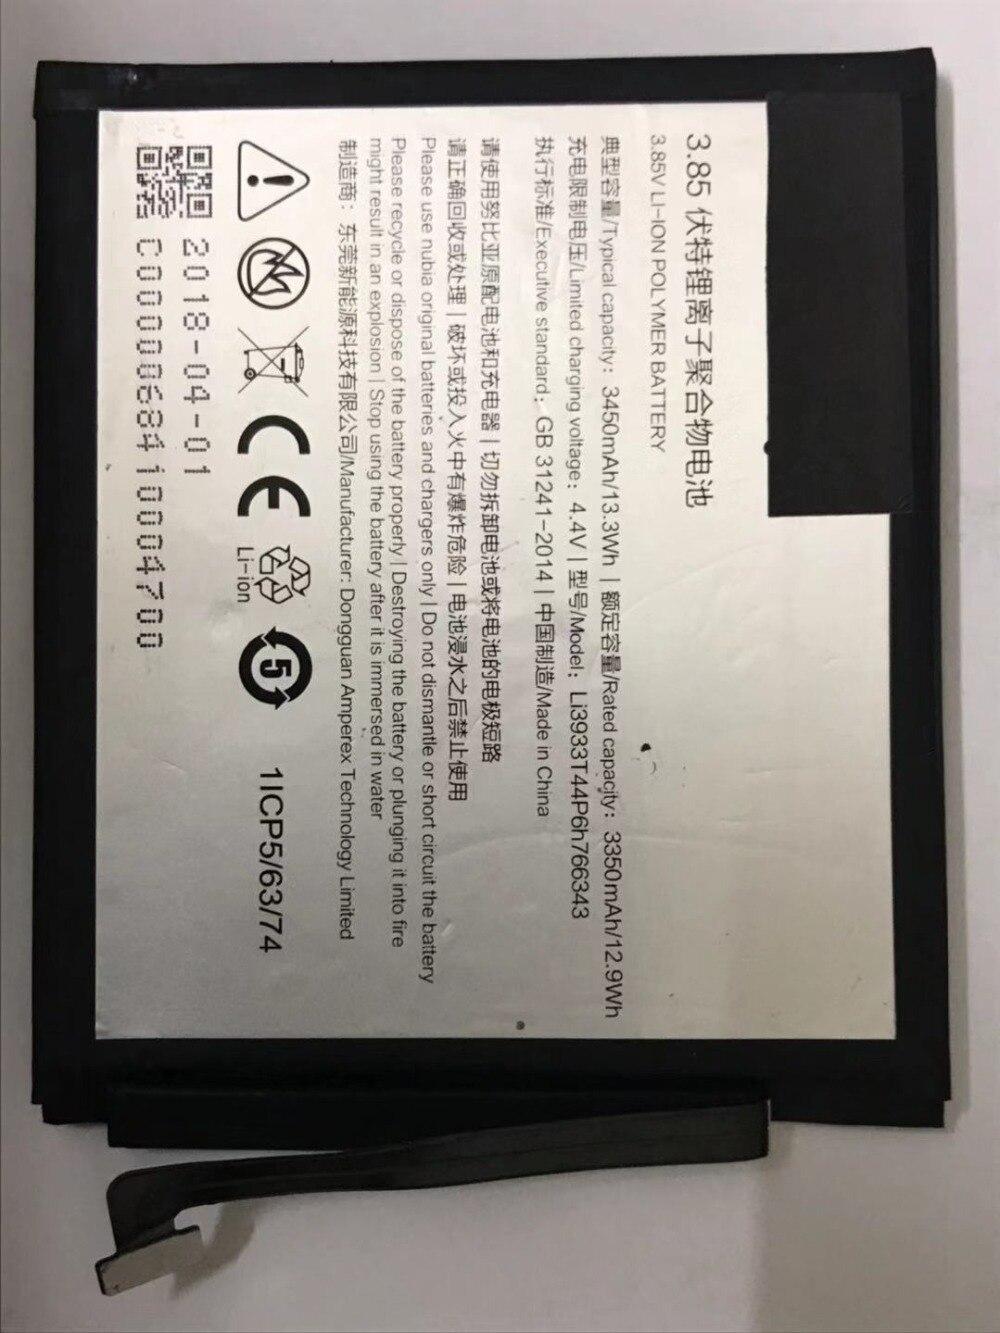 Аккумулятор для сотового телефона ZTE Nubia NX611J li3933t44p6h7766343 3450 мАч, Аксессуары для ZTE Nubia li3933t44p6h7766343 большой емкости 4060 мач li3940t44p6h876442 сменный аккумулятор для zte nubia z18 nx612j аккумуляторы для мобильных телефонов